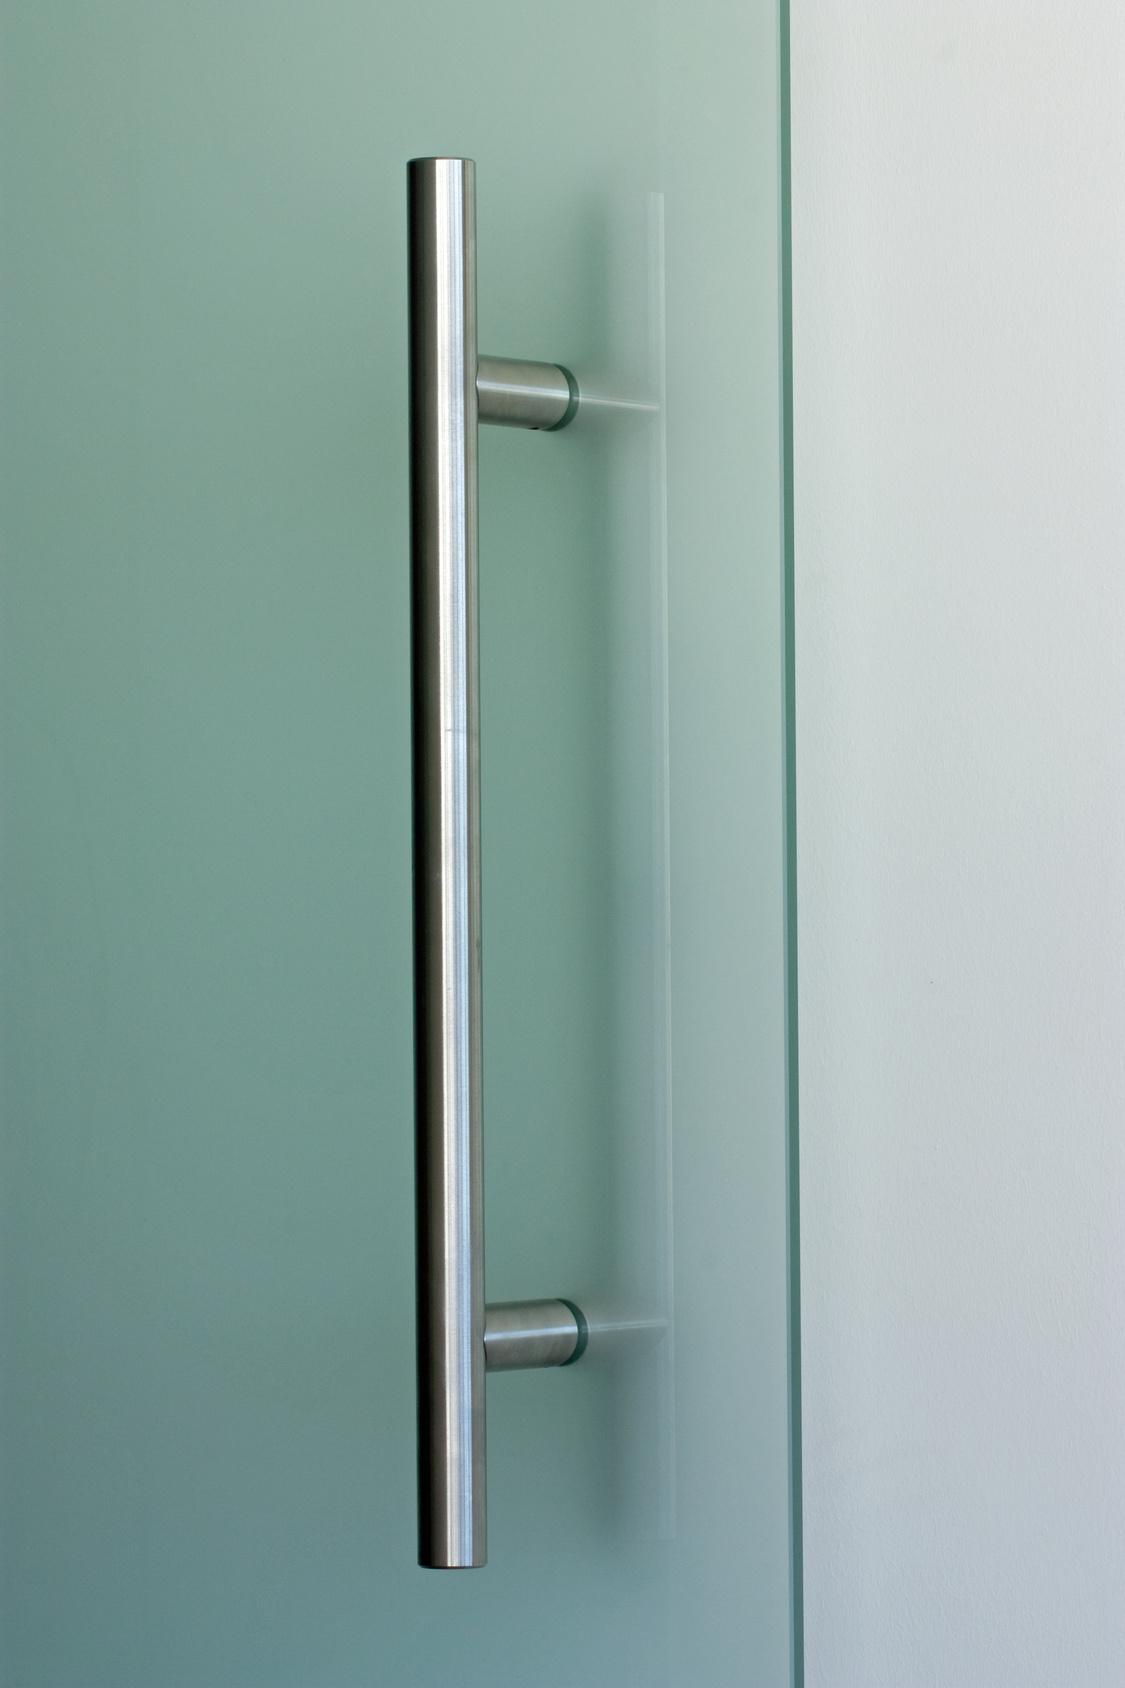 Glastüren  Glastüren für den perfekten Durchblick im Innenraum - Schreinerei ...